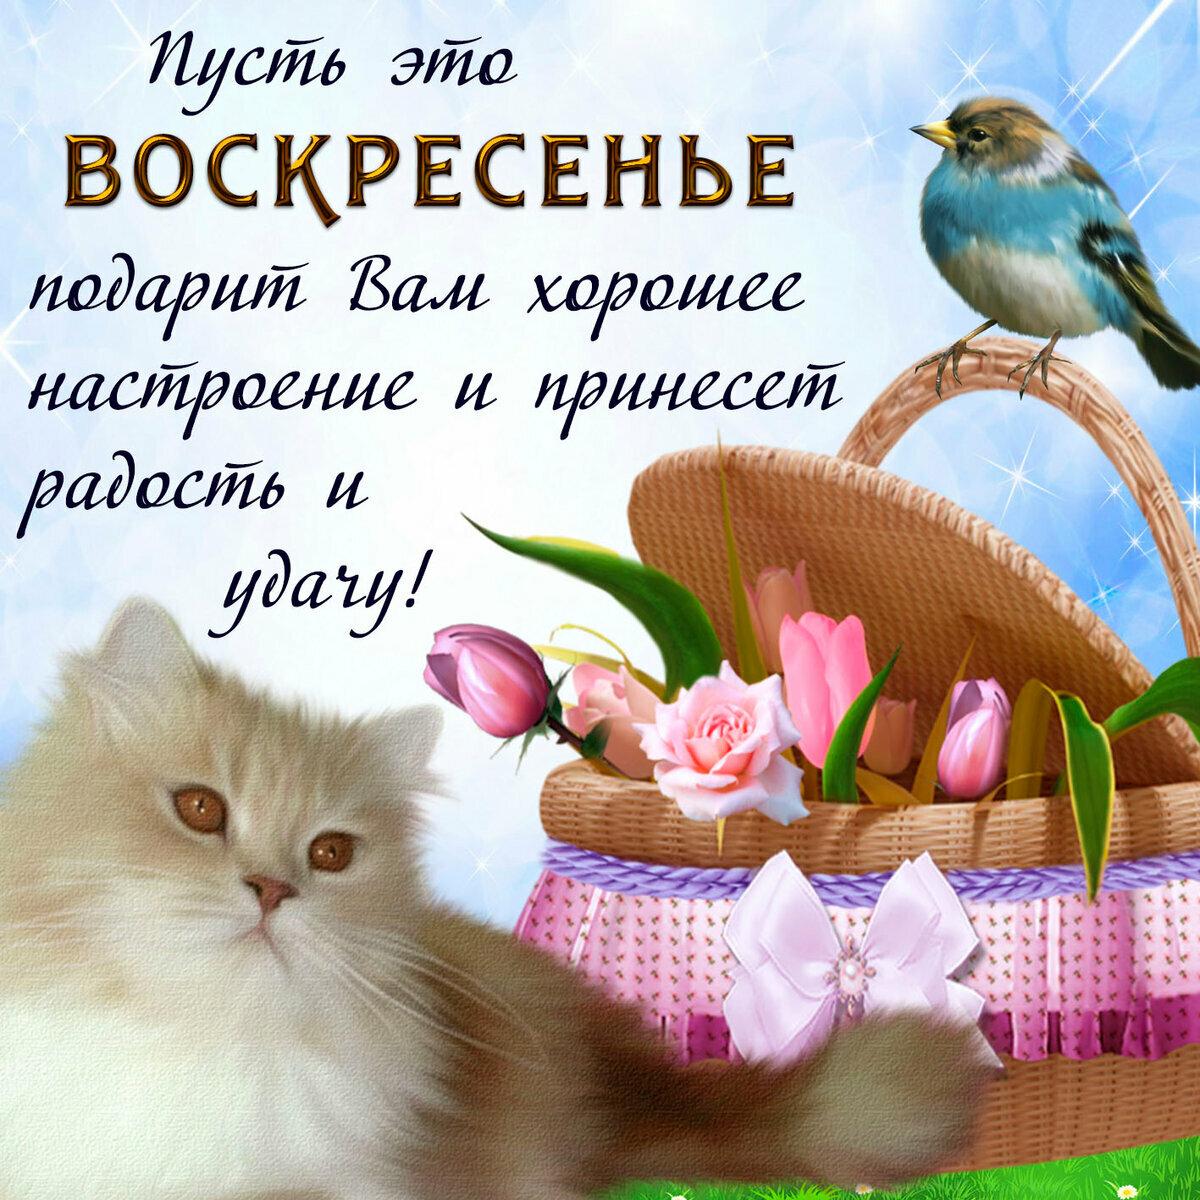 Чудесного воскресного дня картинки прикольные